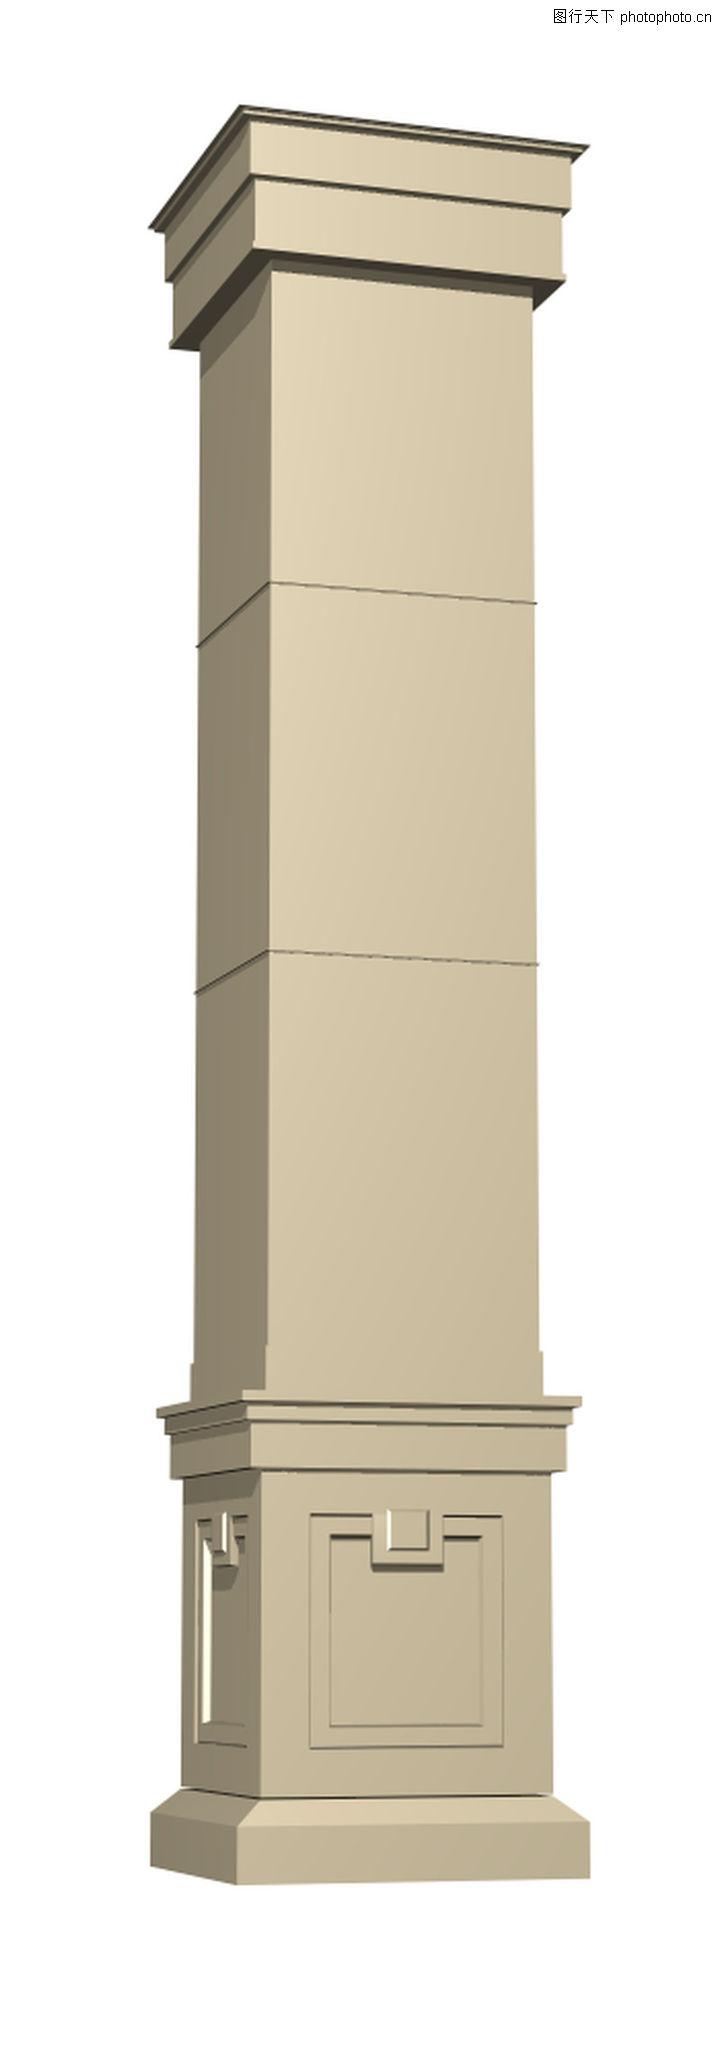 方形柱子装饰效果图,客厅方柱子装饰效果图,网吧柱子装饰效果图,